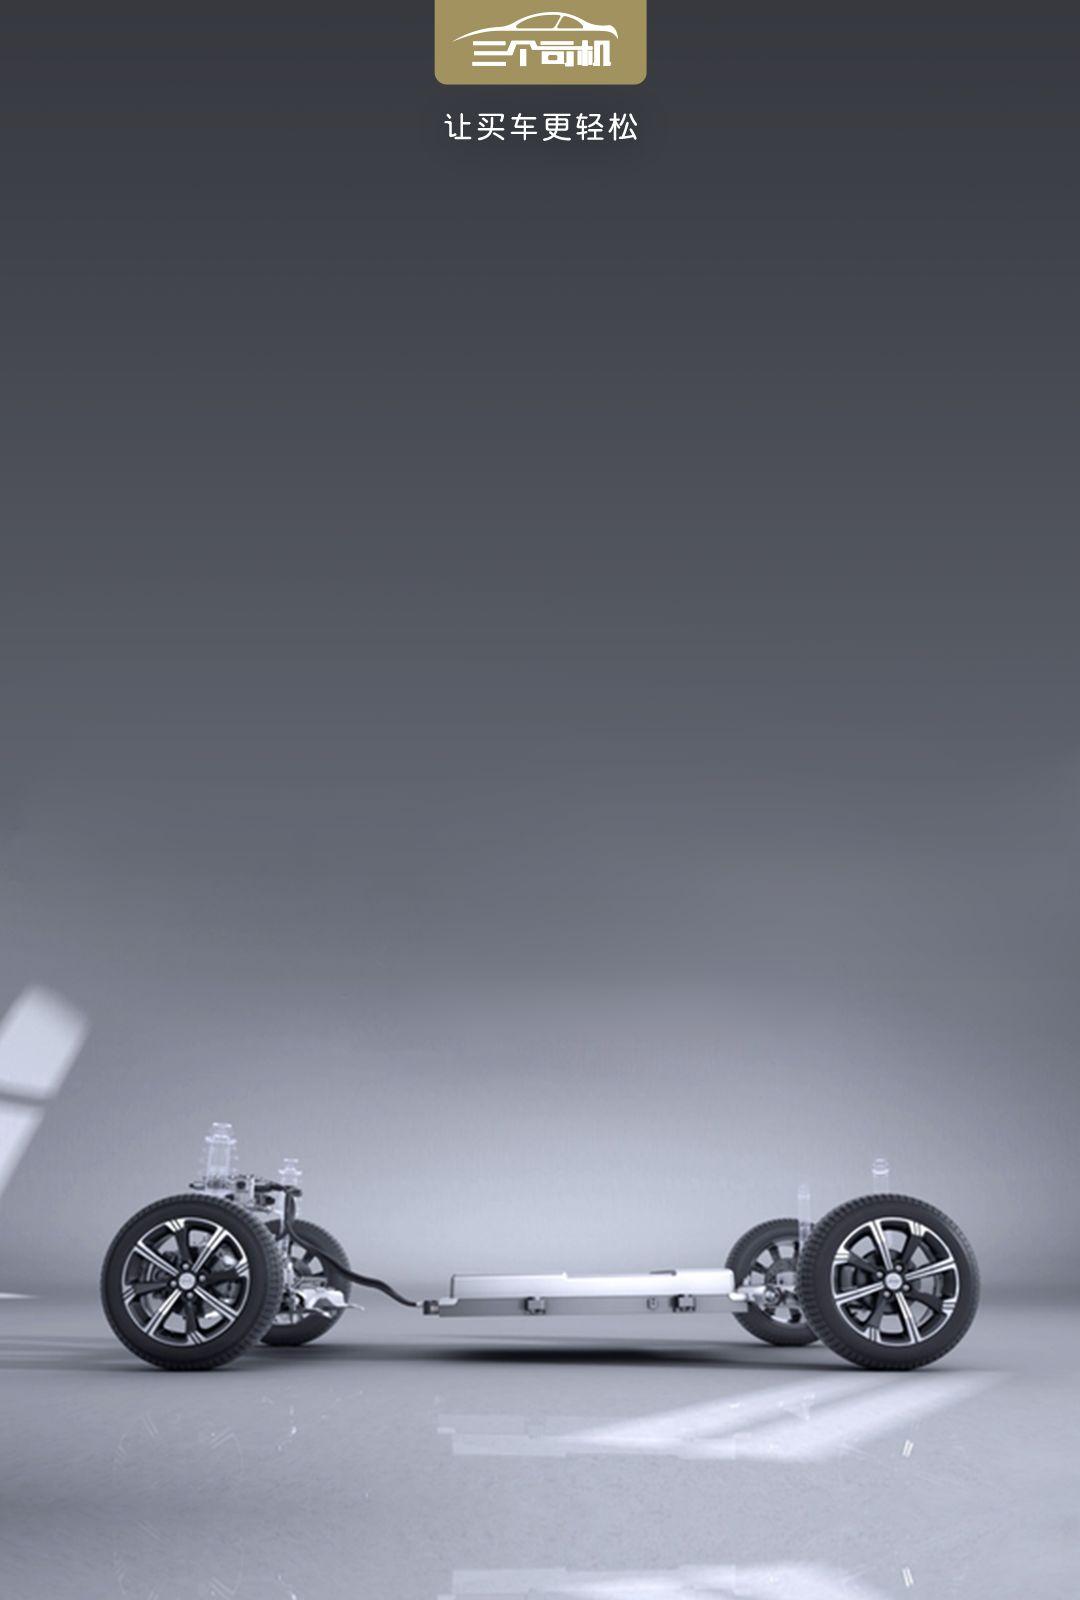 【滚动】原创比亚迪电动汽车平台,丰田也是它的粉丝,e平台到底牛在哪?